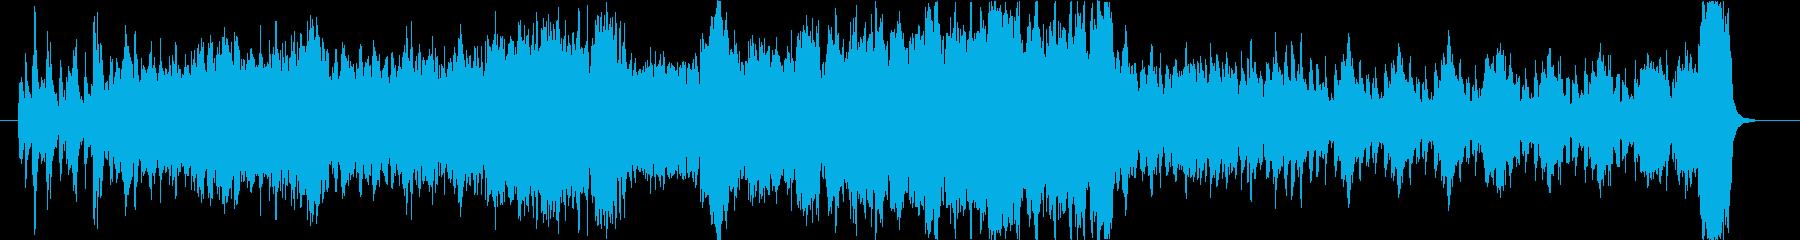 信頼と実績のオーケストラの再生済みの波形